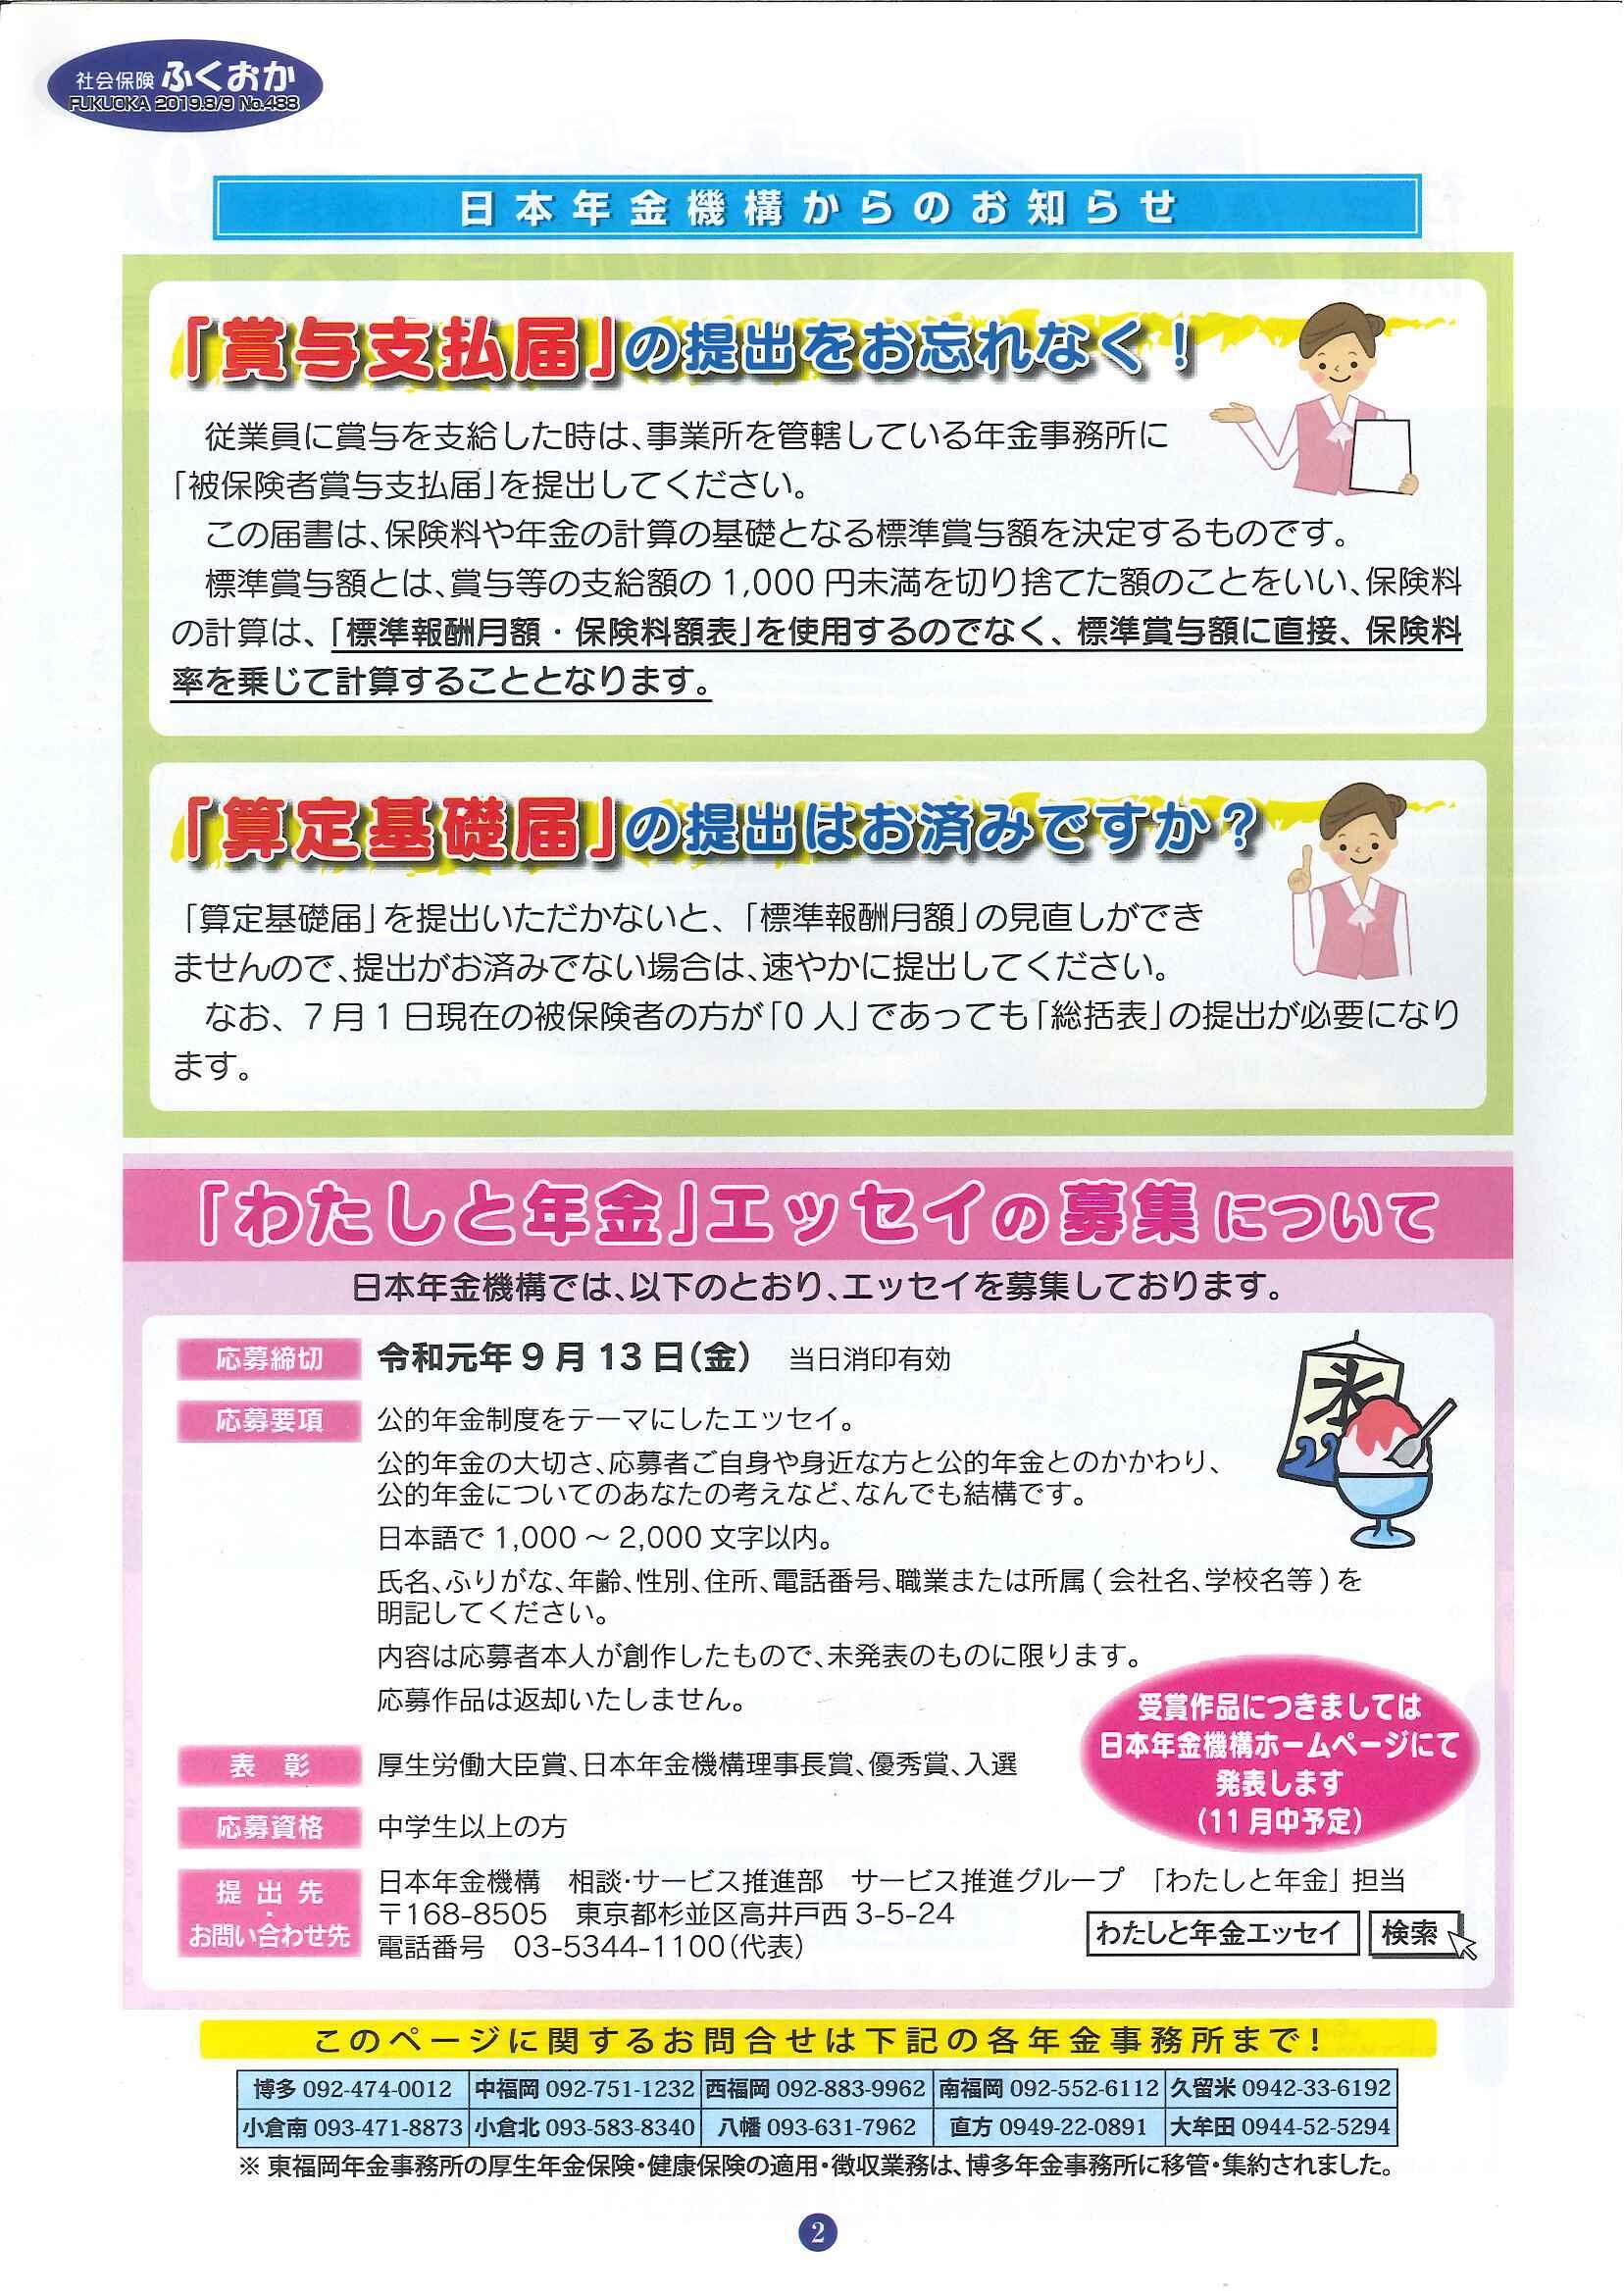 社会保険 ふくおか 2019年8・9月号_f0120774_15453999.jpg